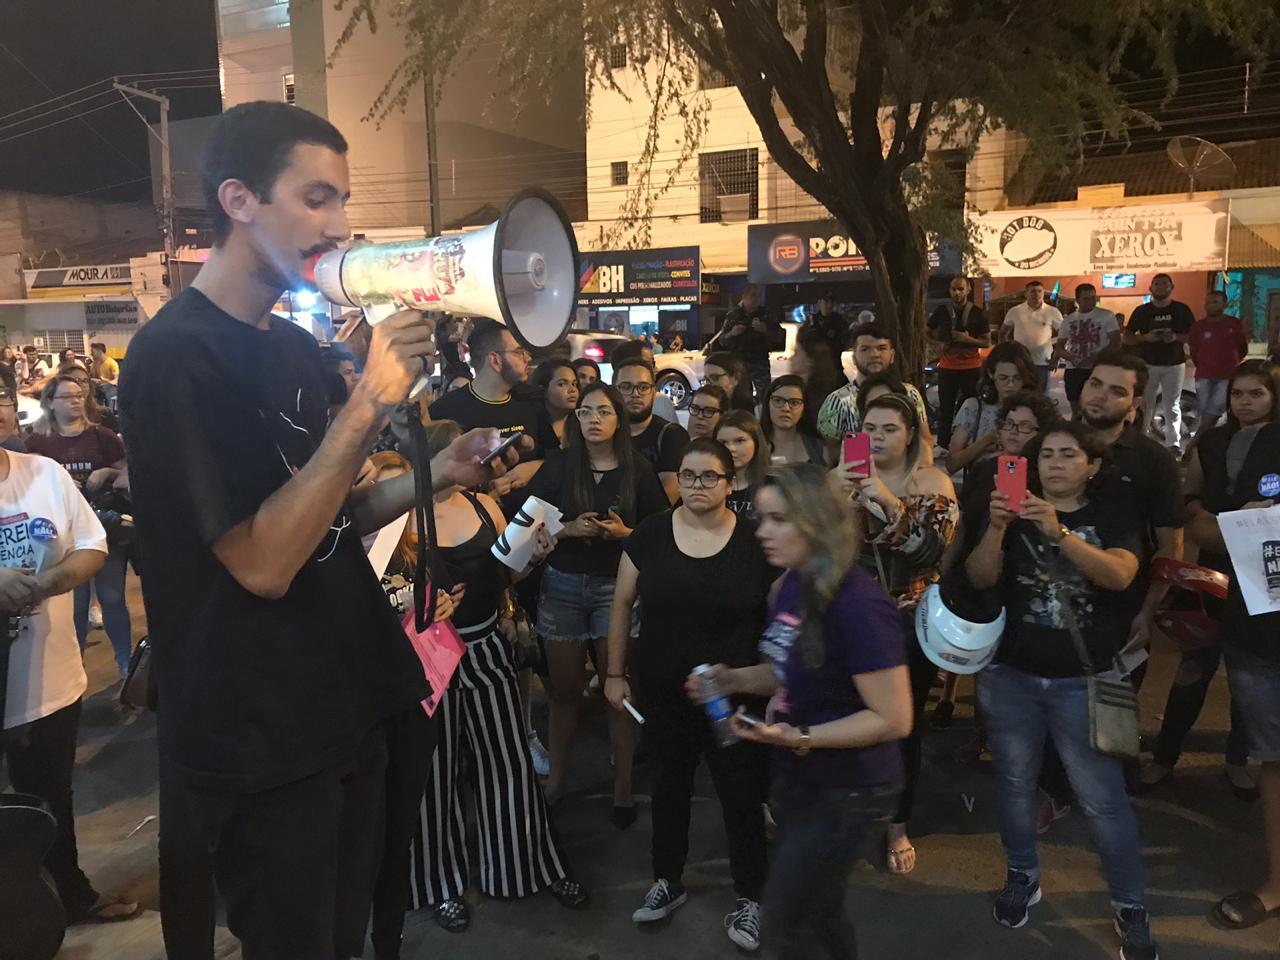 WhatsApp Image 2018 09 29 at 12.05.58 2 - ELAS SIM! Estudantes saem às ruas contra demissão de professoras da FIP que aderiram ao movimento #ELENÃO - VEJA VÍDEOS